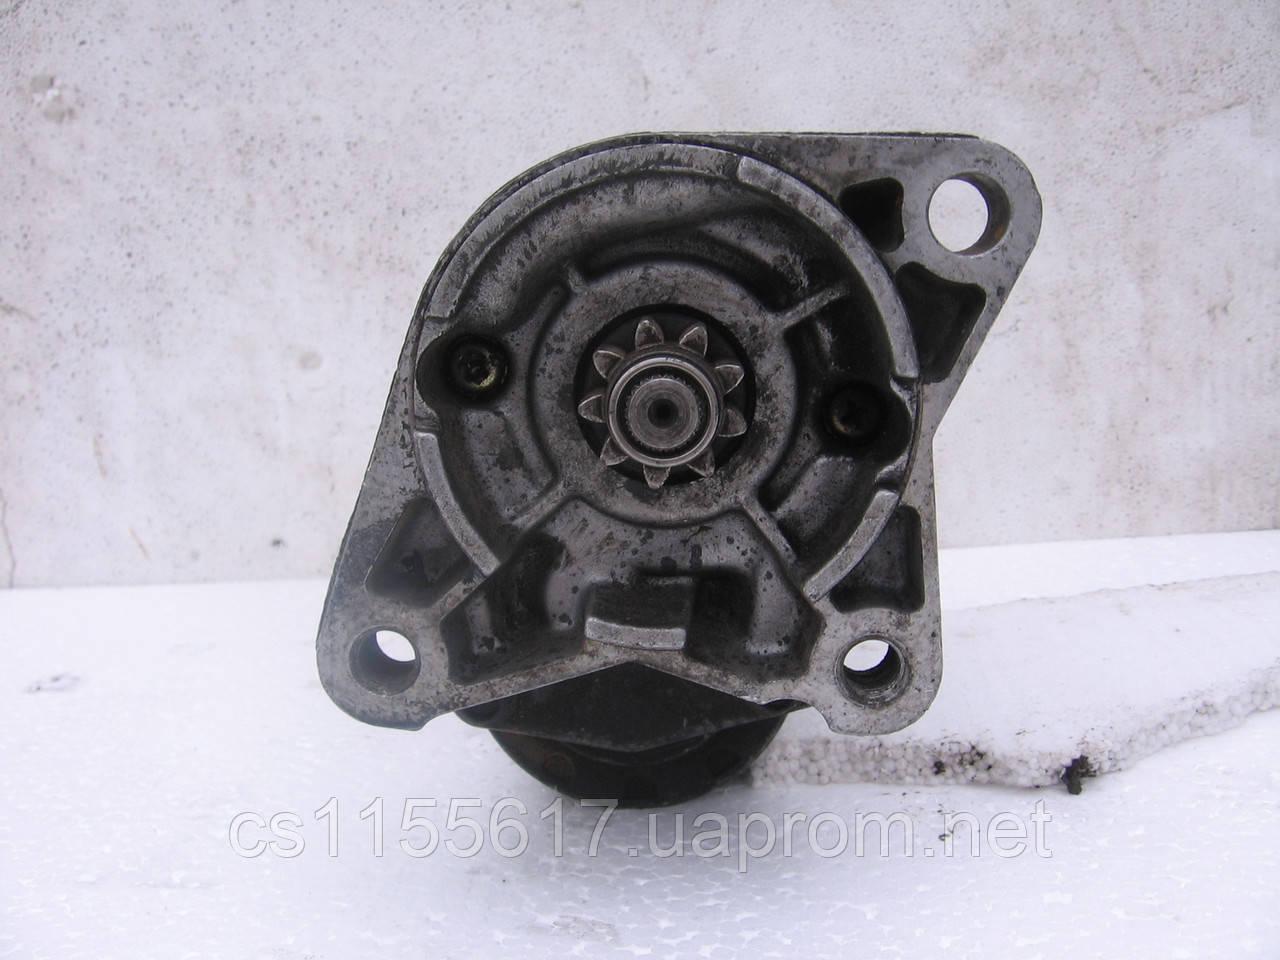 Стартер б/у на MAZDA 626 2.0TD, Mazda E-serie E2200D, SUZUKI Vitara 2.0TD, Suzuki Grand Vitara 2.0TD